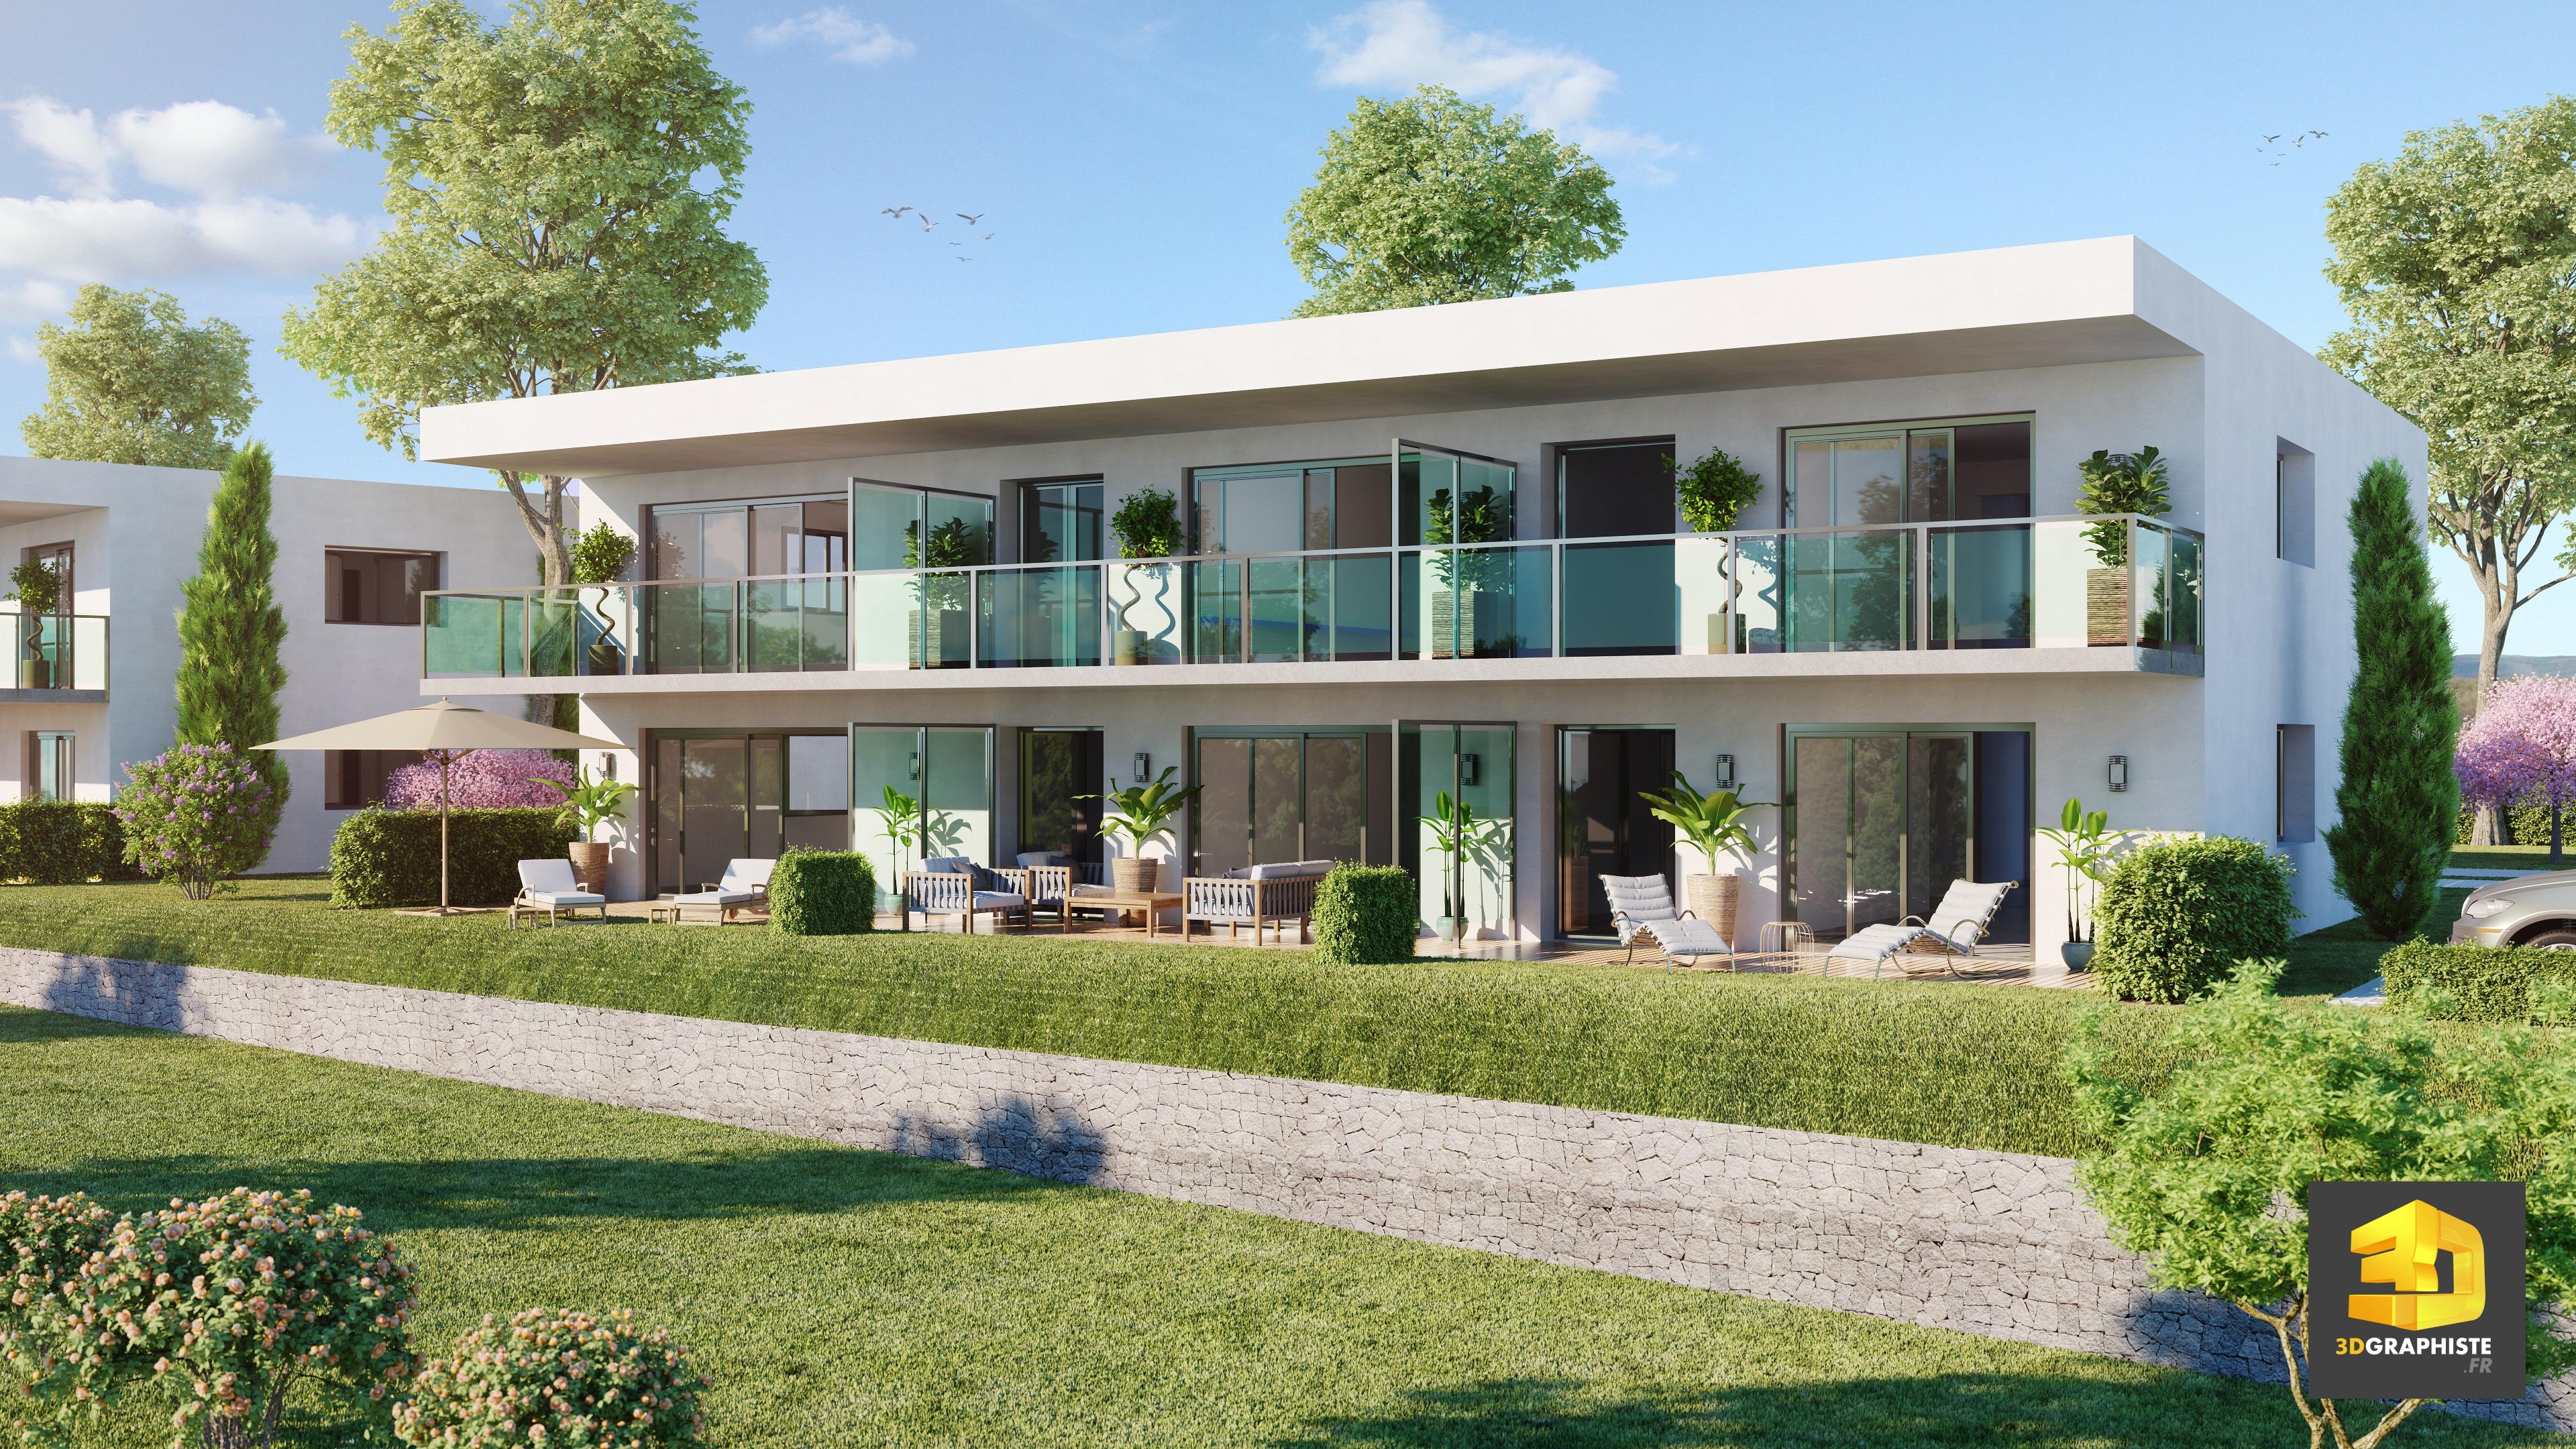 Architecte 3d jardin fabulous architecte d platinium with for Architecte 3d crack